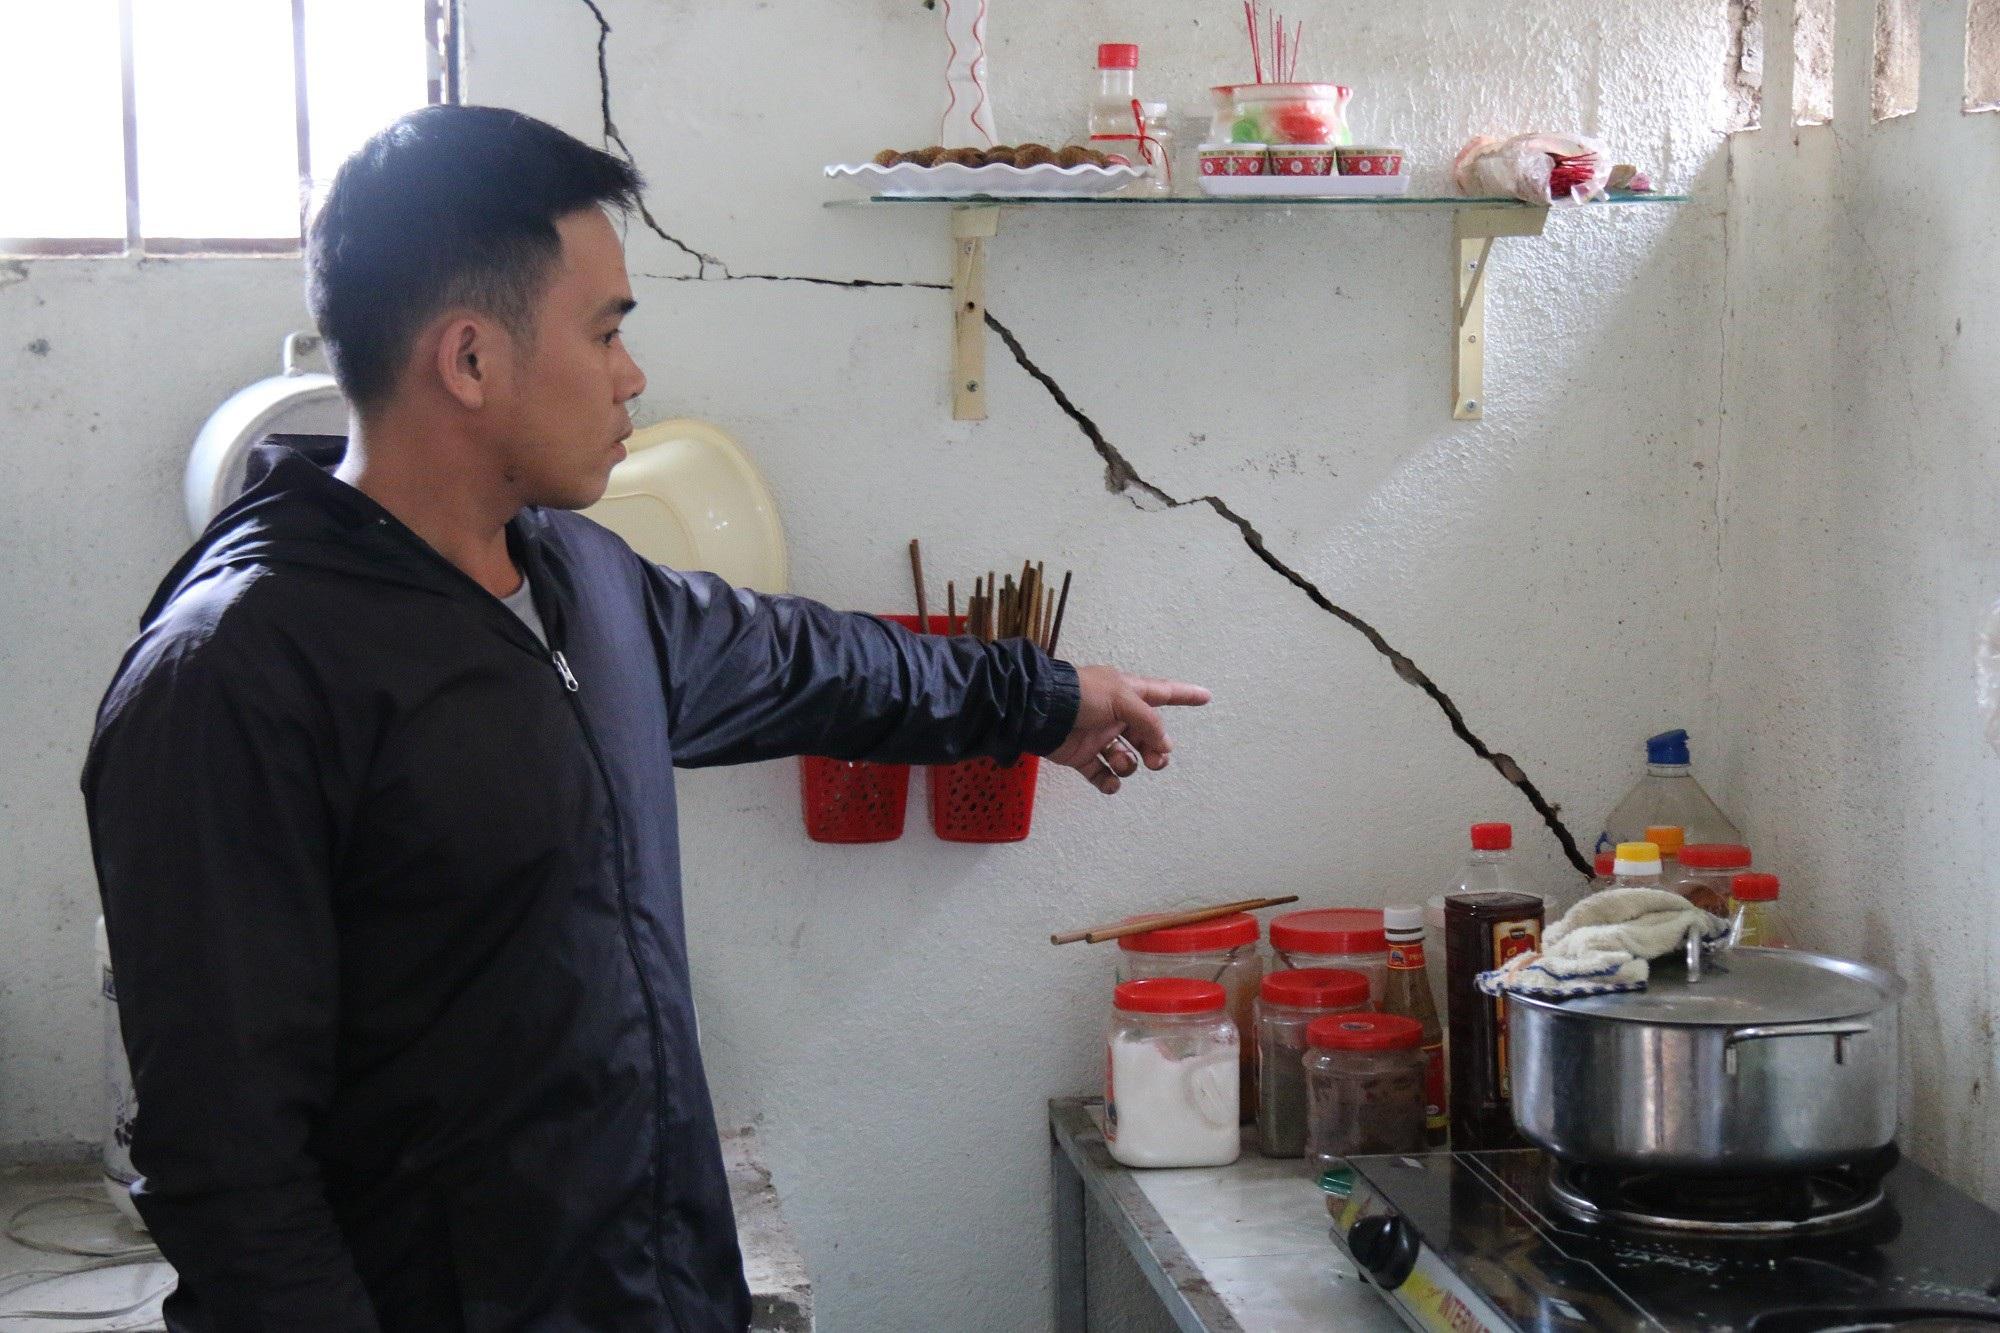 Thủy điện của vợ phó giám đốc Sở nổ mìn làm hỏng nhà dân: Chây ỳ đền bù? - Ảnh 2.